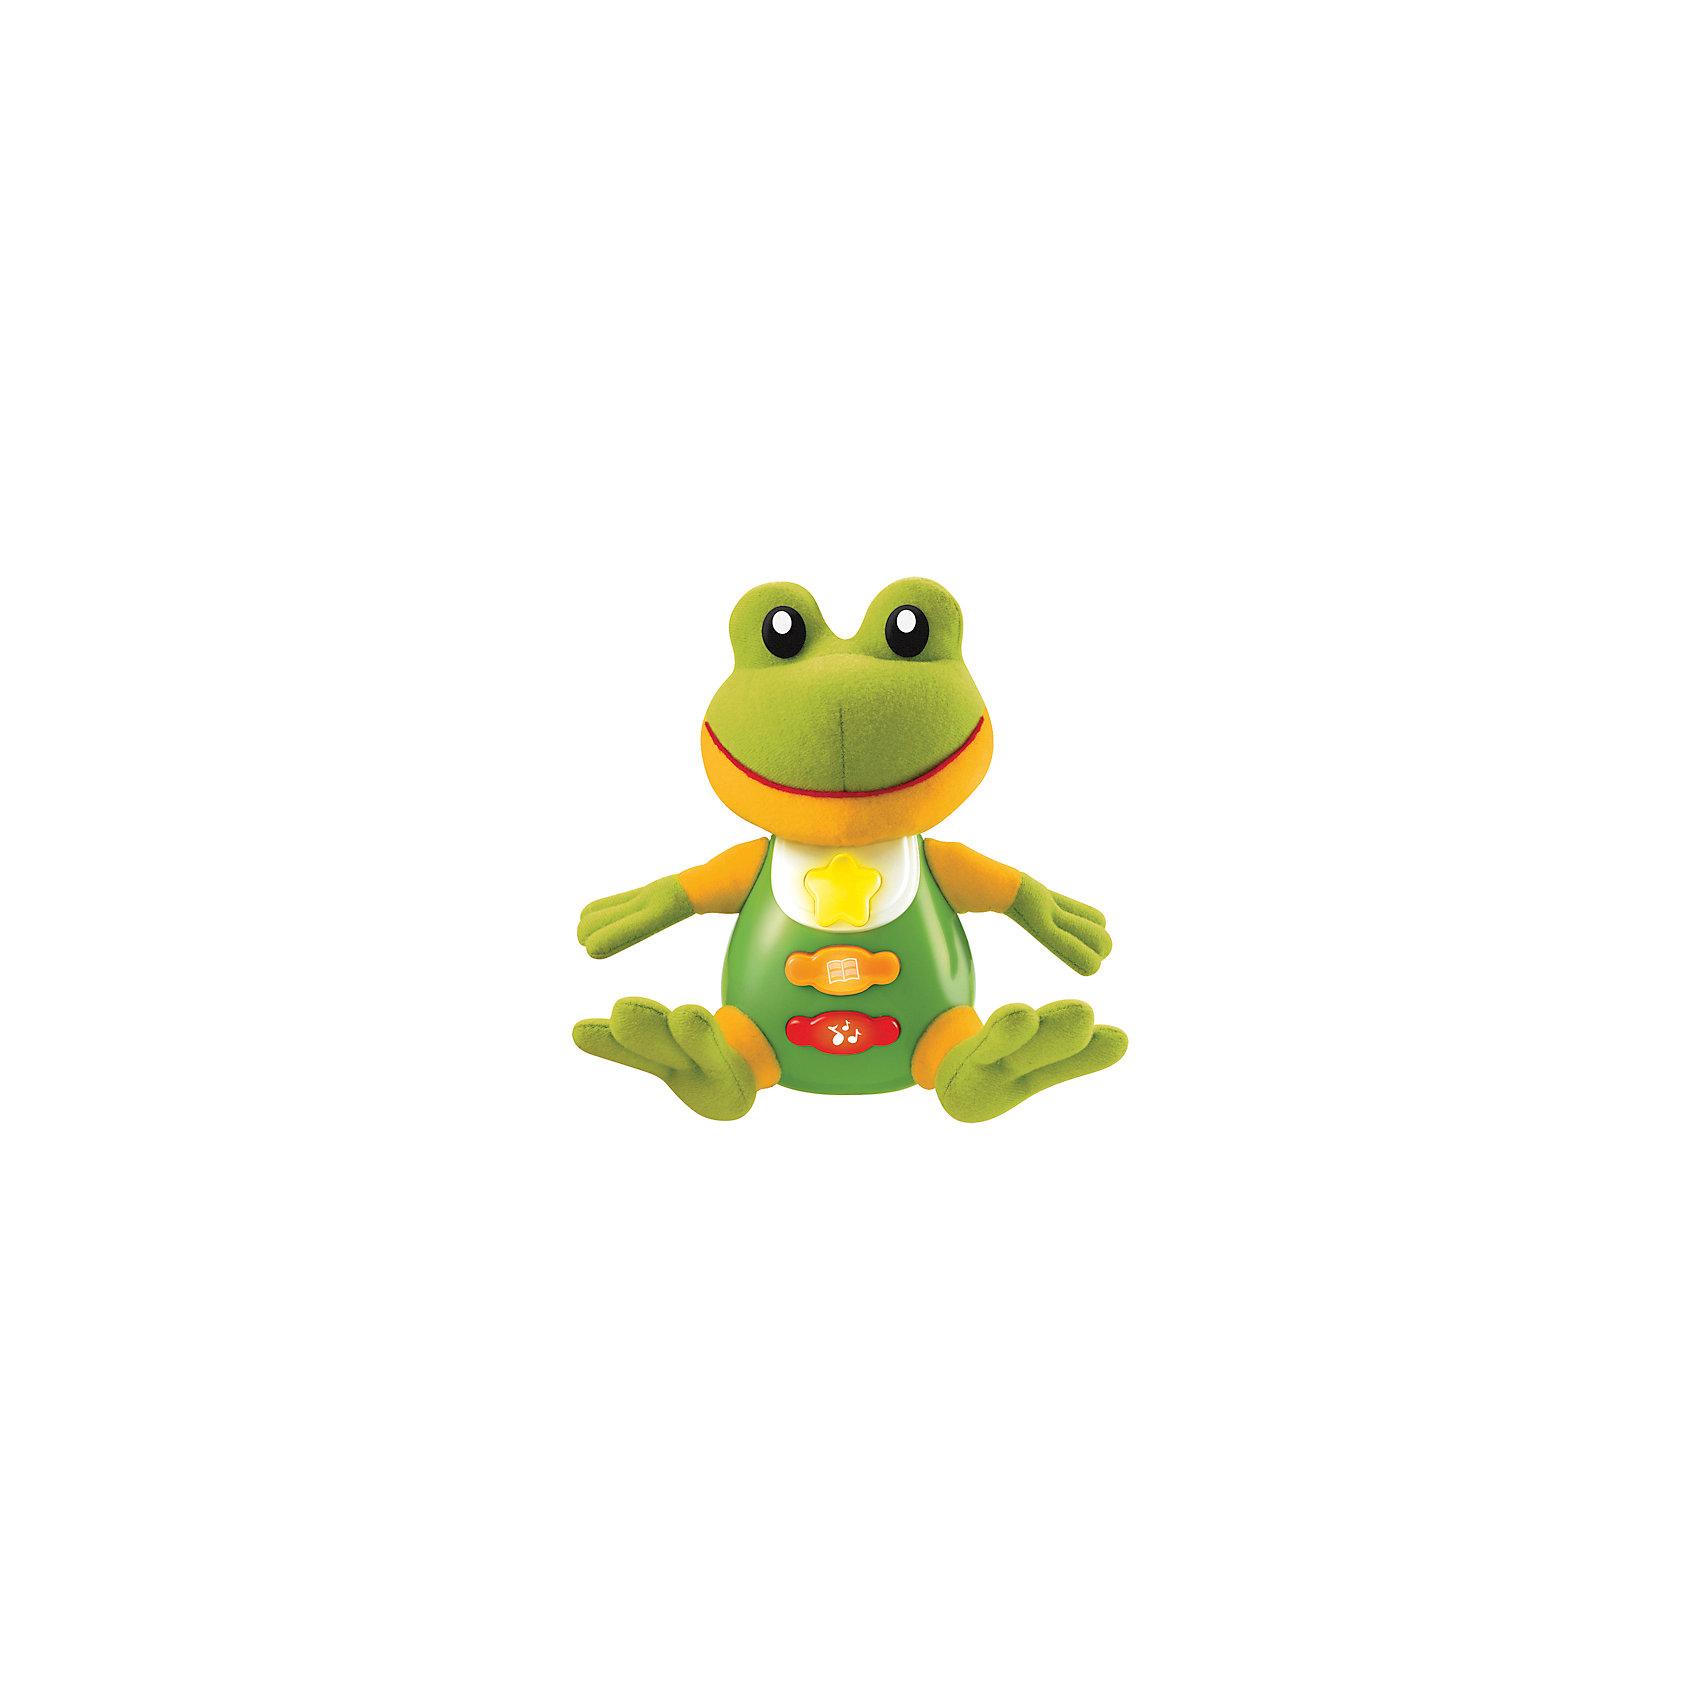 Обучающая игрушка Стихи А.Барто, Лягушка, со светом и звуком, Умка